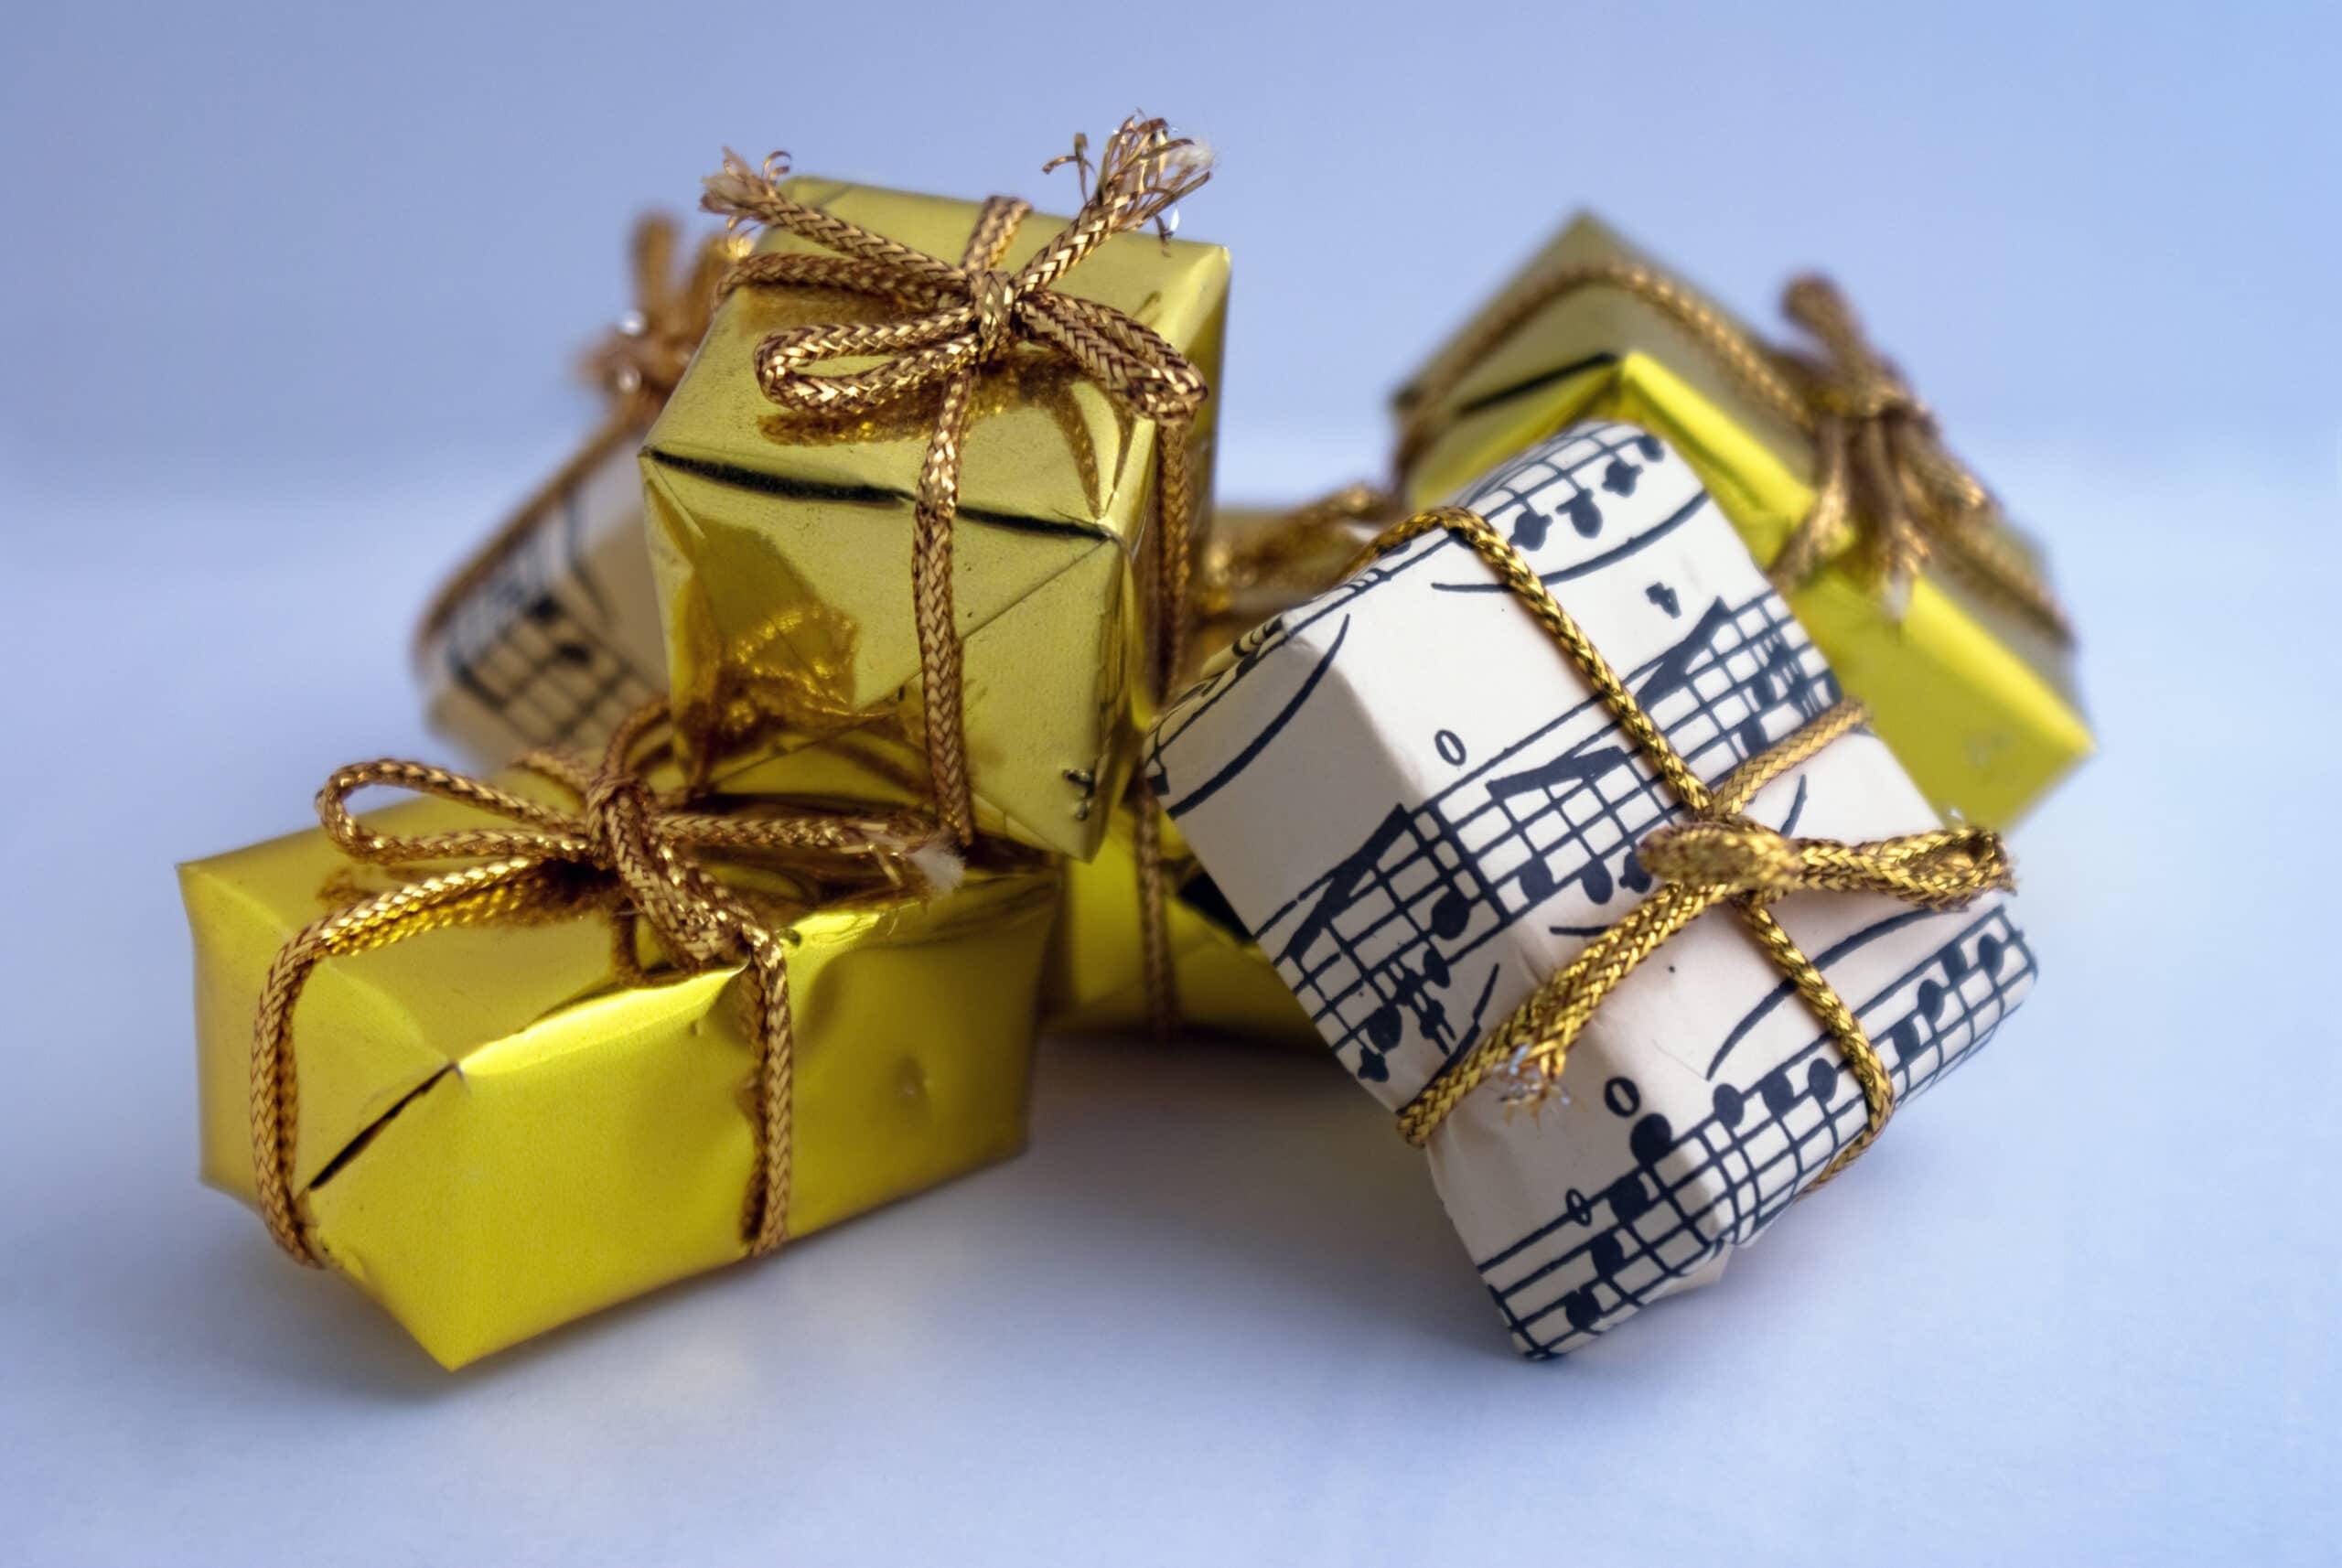 https://www.enlared.biz/wp-content/uploads/2012/07/regalos-cosas-gratis.jpg